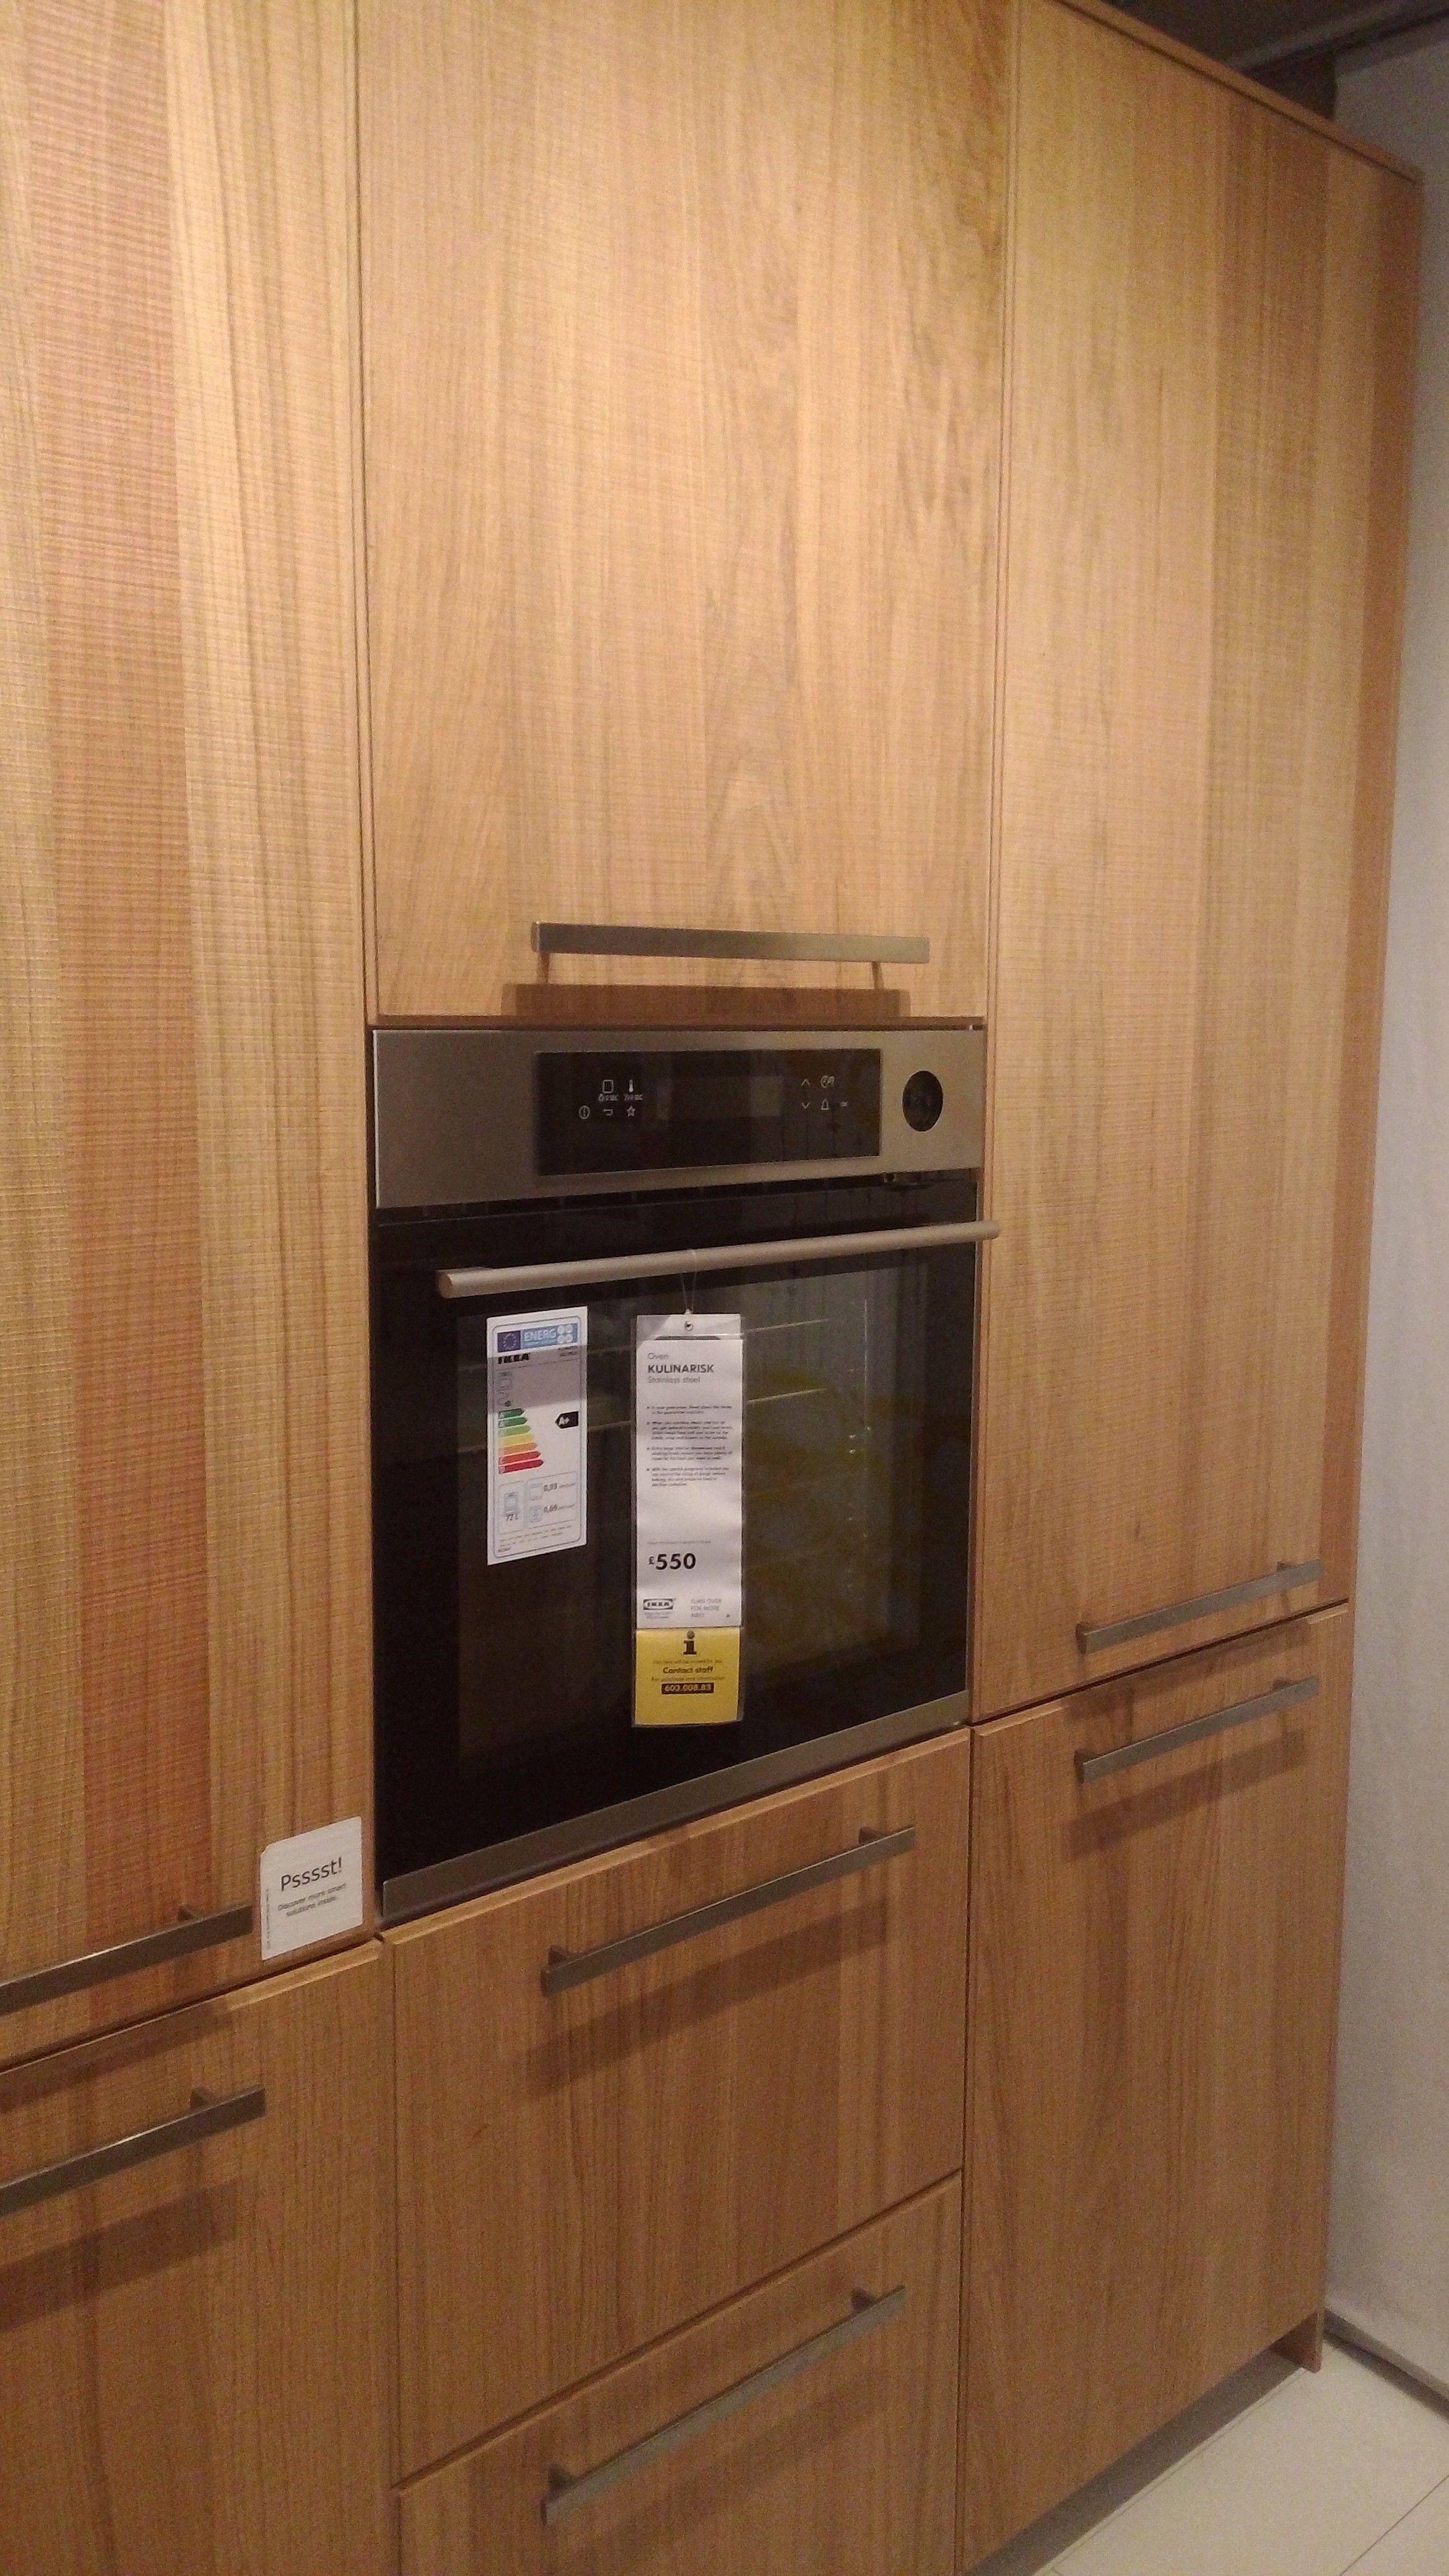 HYTTAN IKEA | Keuken | Pinterest | Ikea küche, Ikea und Küche